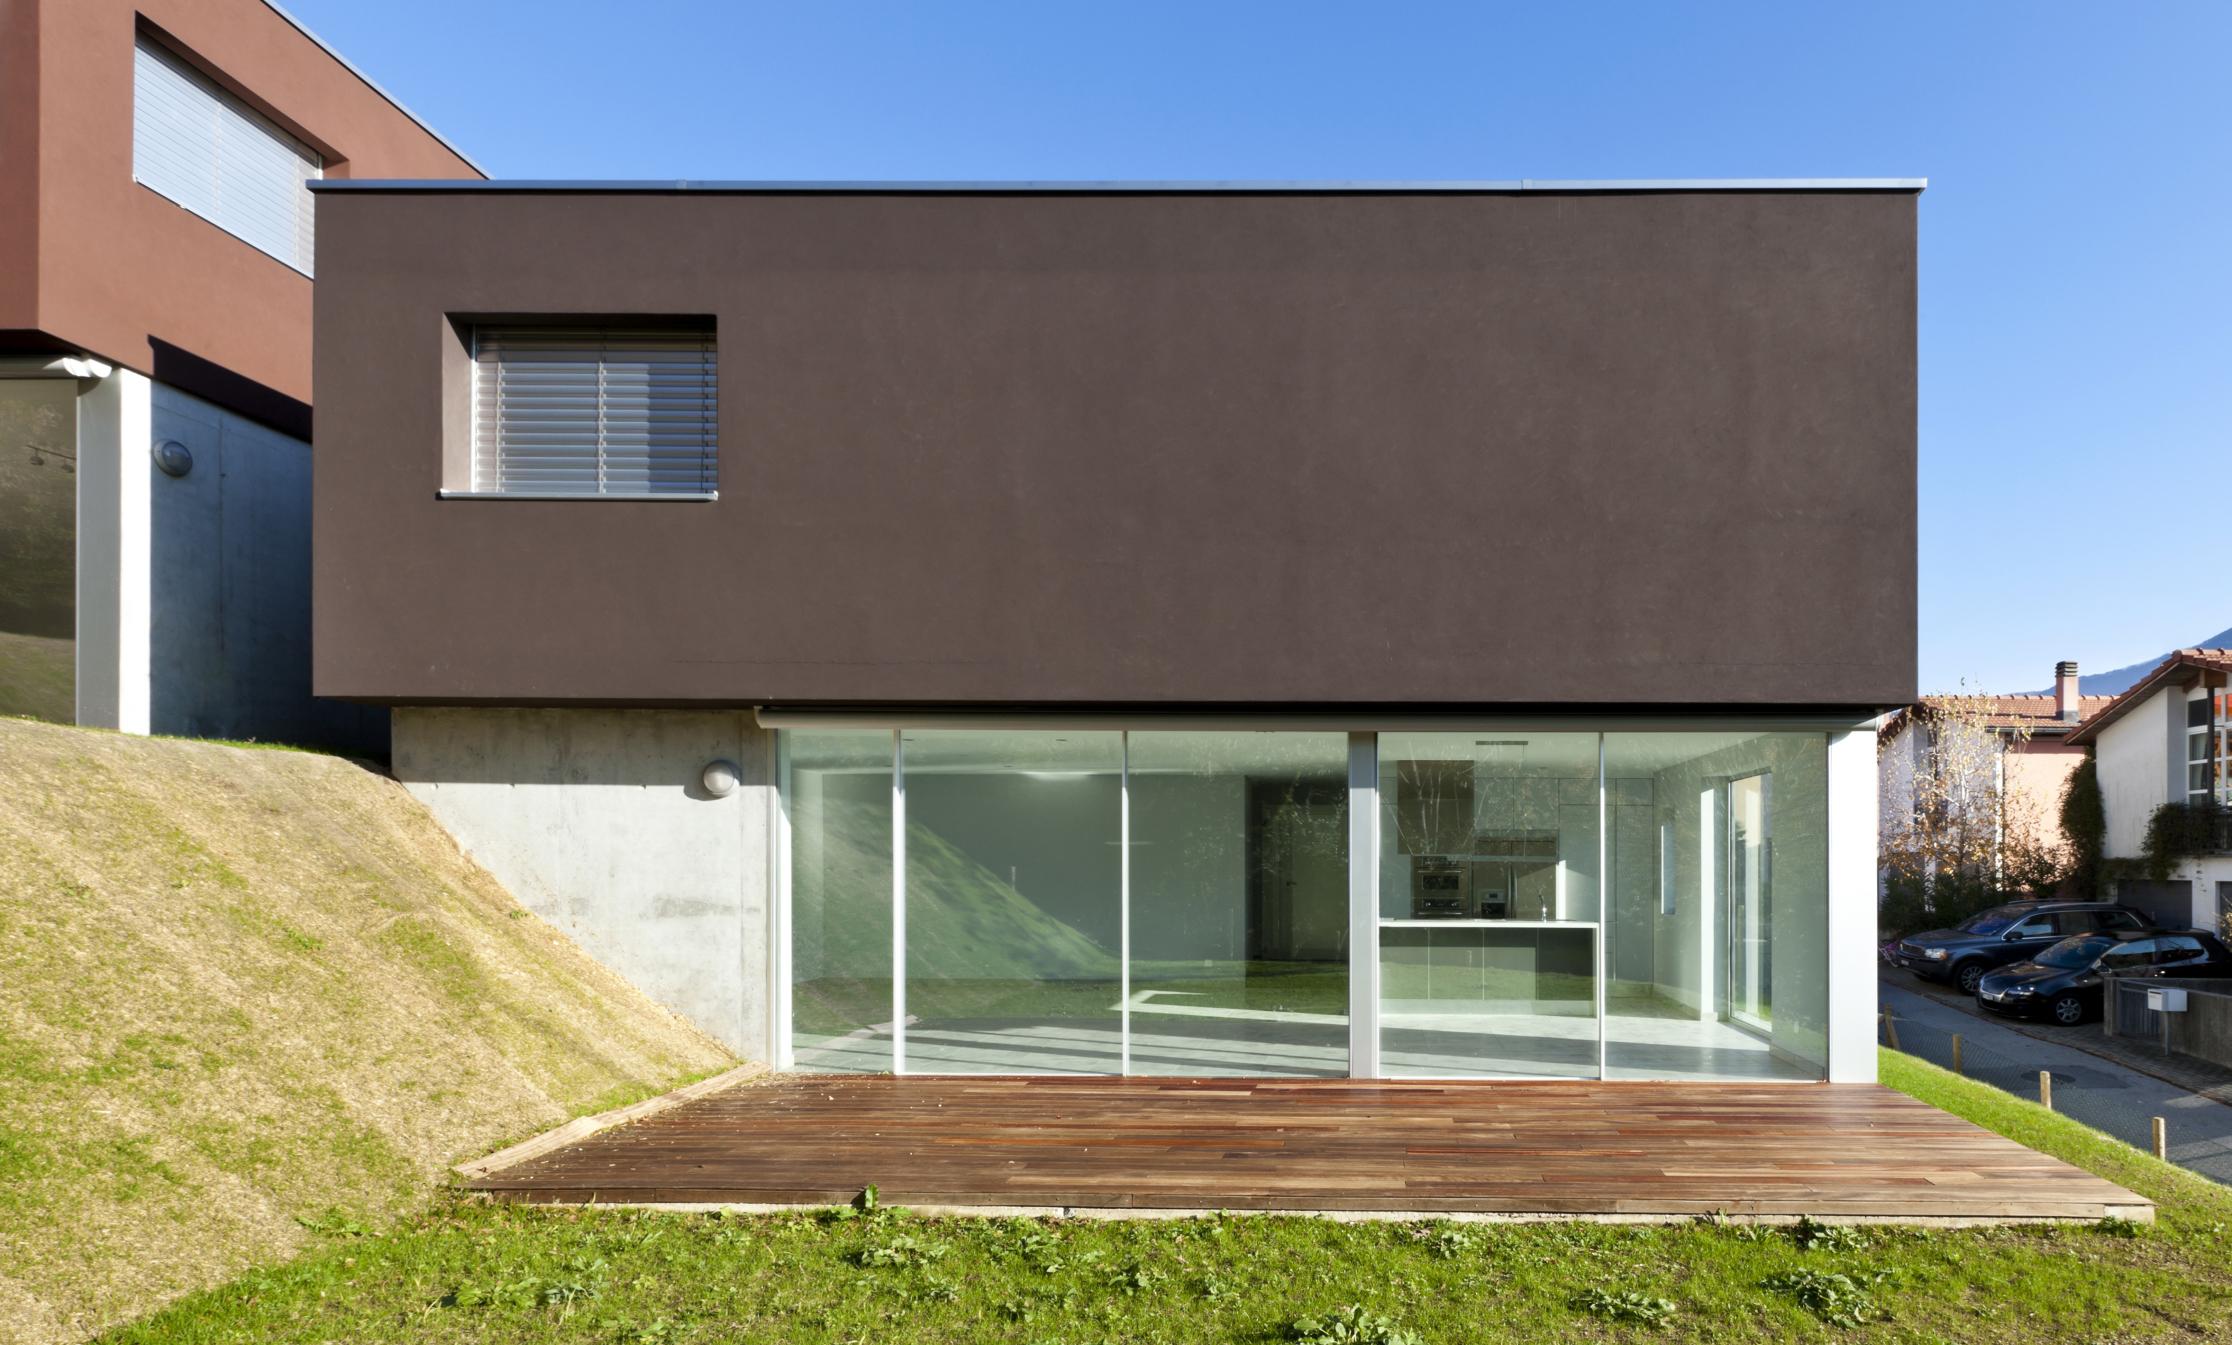 20 frentes de casas modernas planos y fachadas todo - Casas rusticas modernas fotos ...